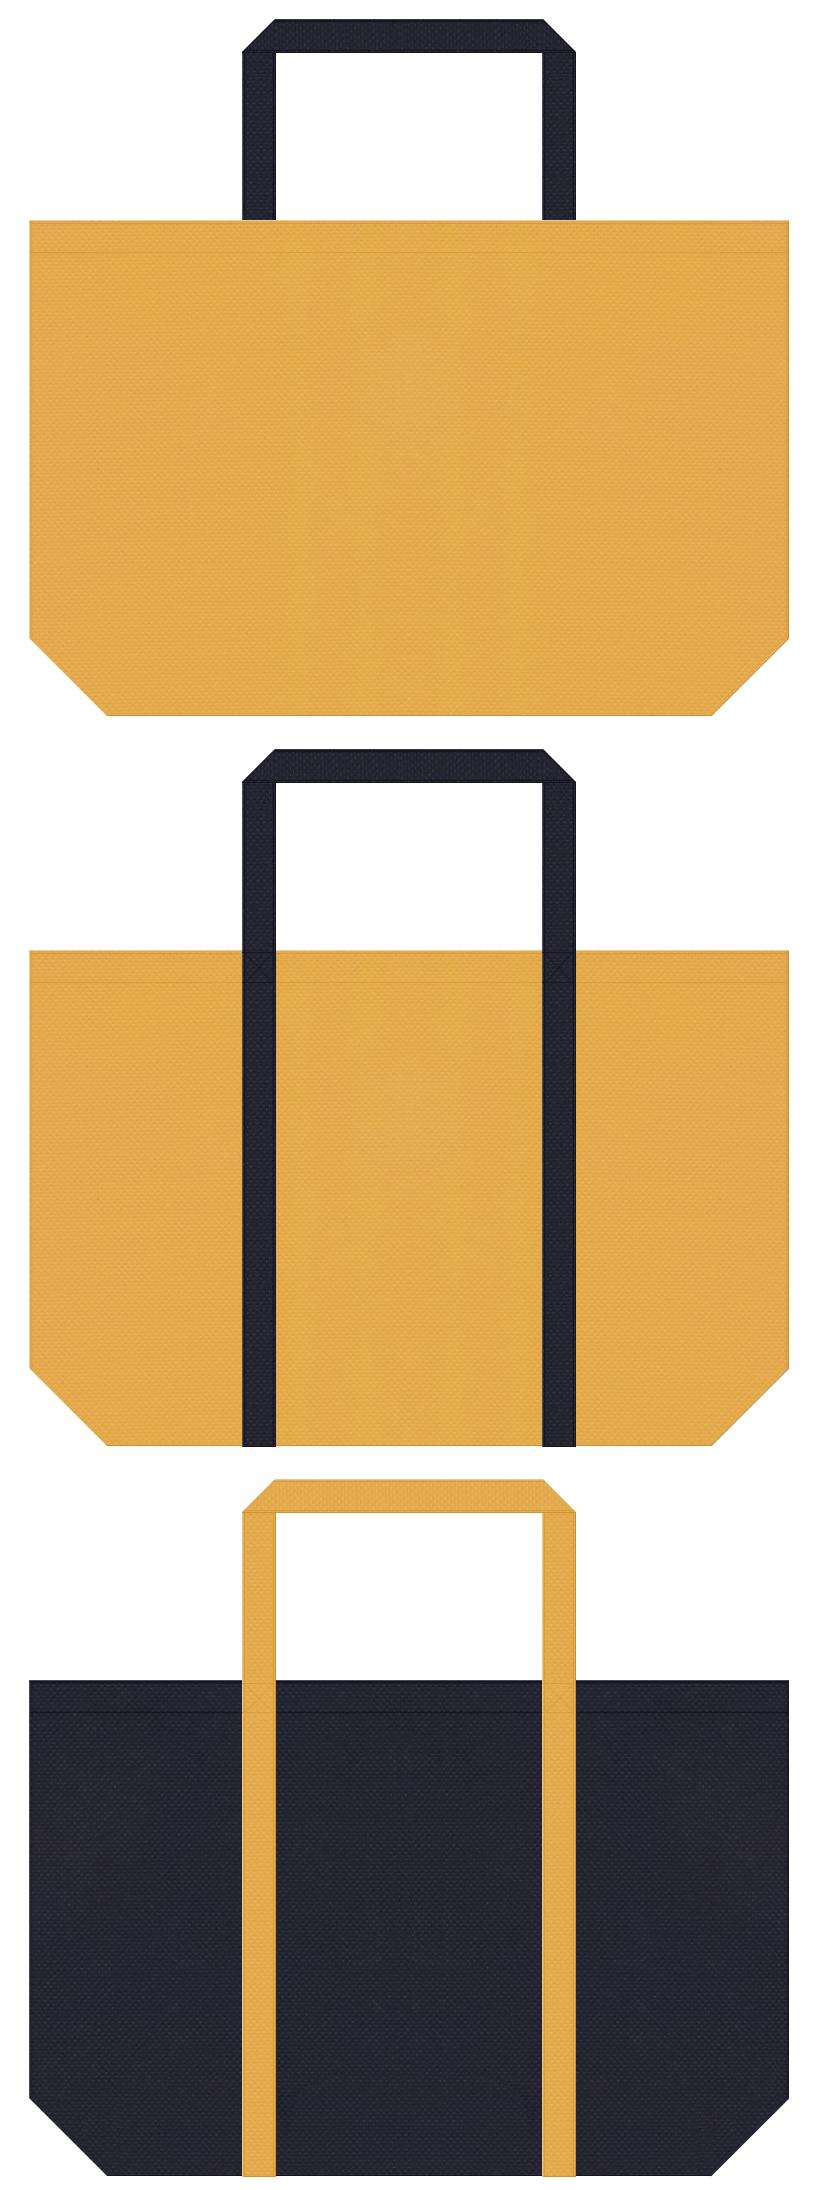 黄土色と濃紺色の不織布ショッピングバッグデザイン。